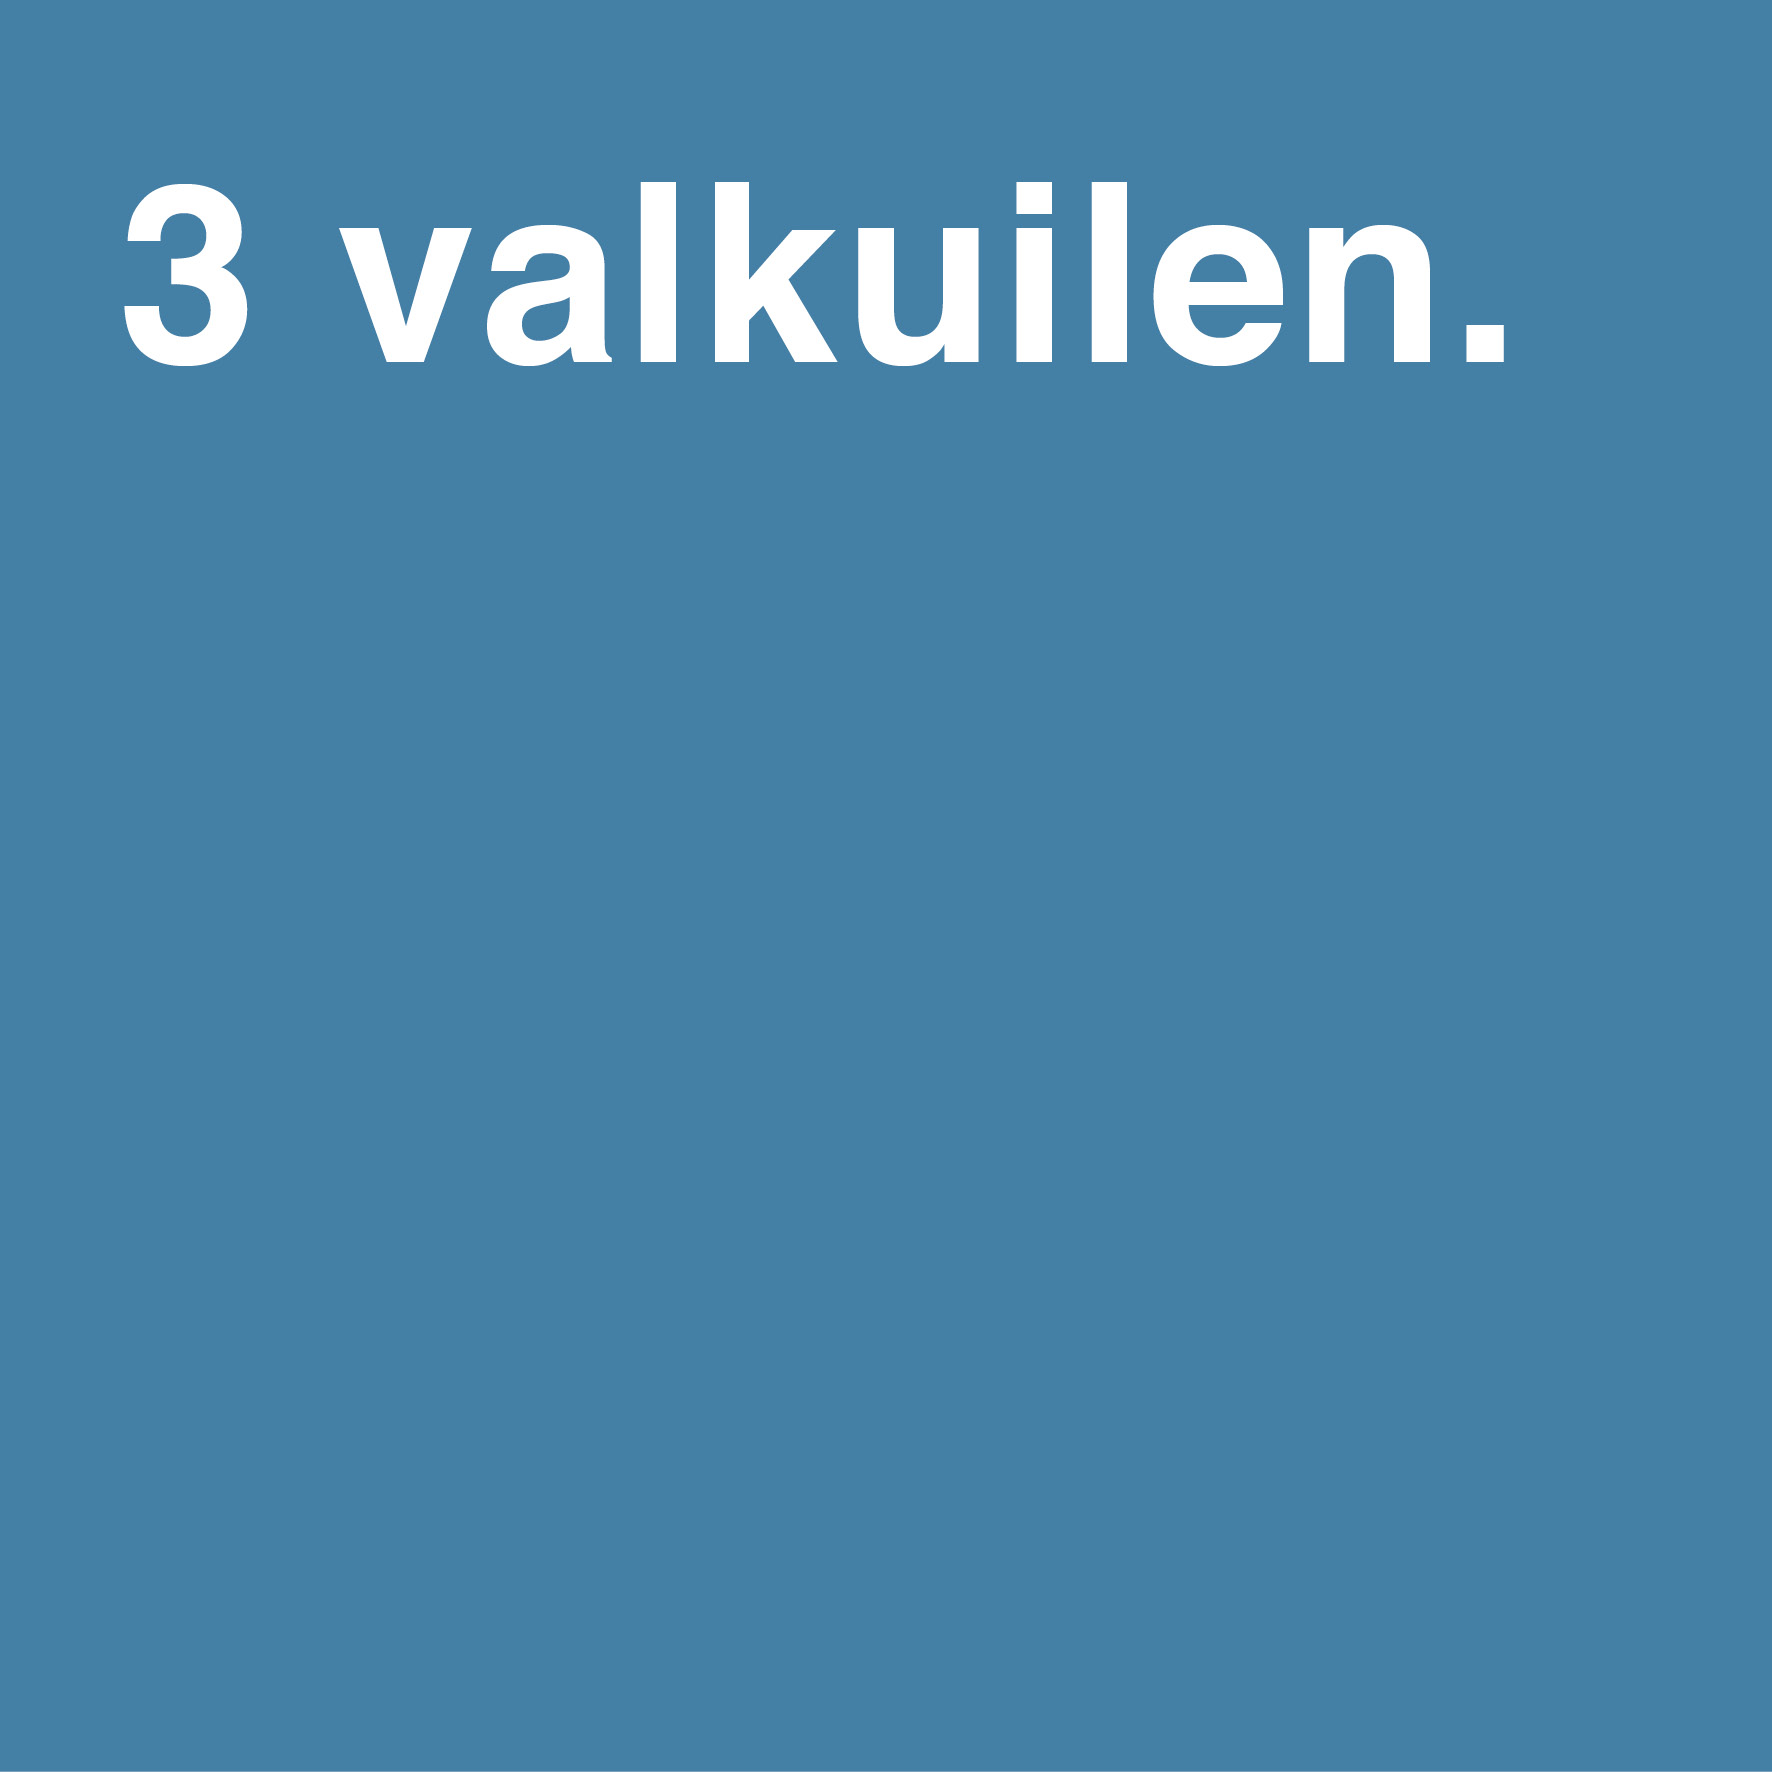 Tekst op taalniveau B1: dit zijn de 3 valkuilen